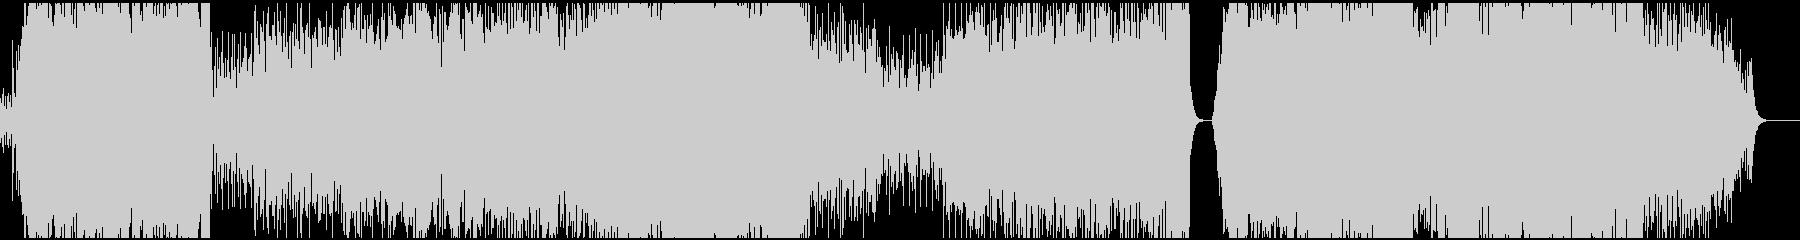 スケール感のあるEDMの未再生の波形